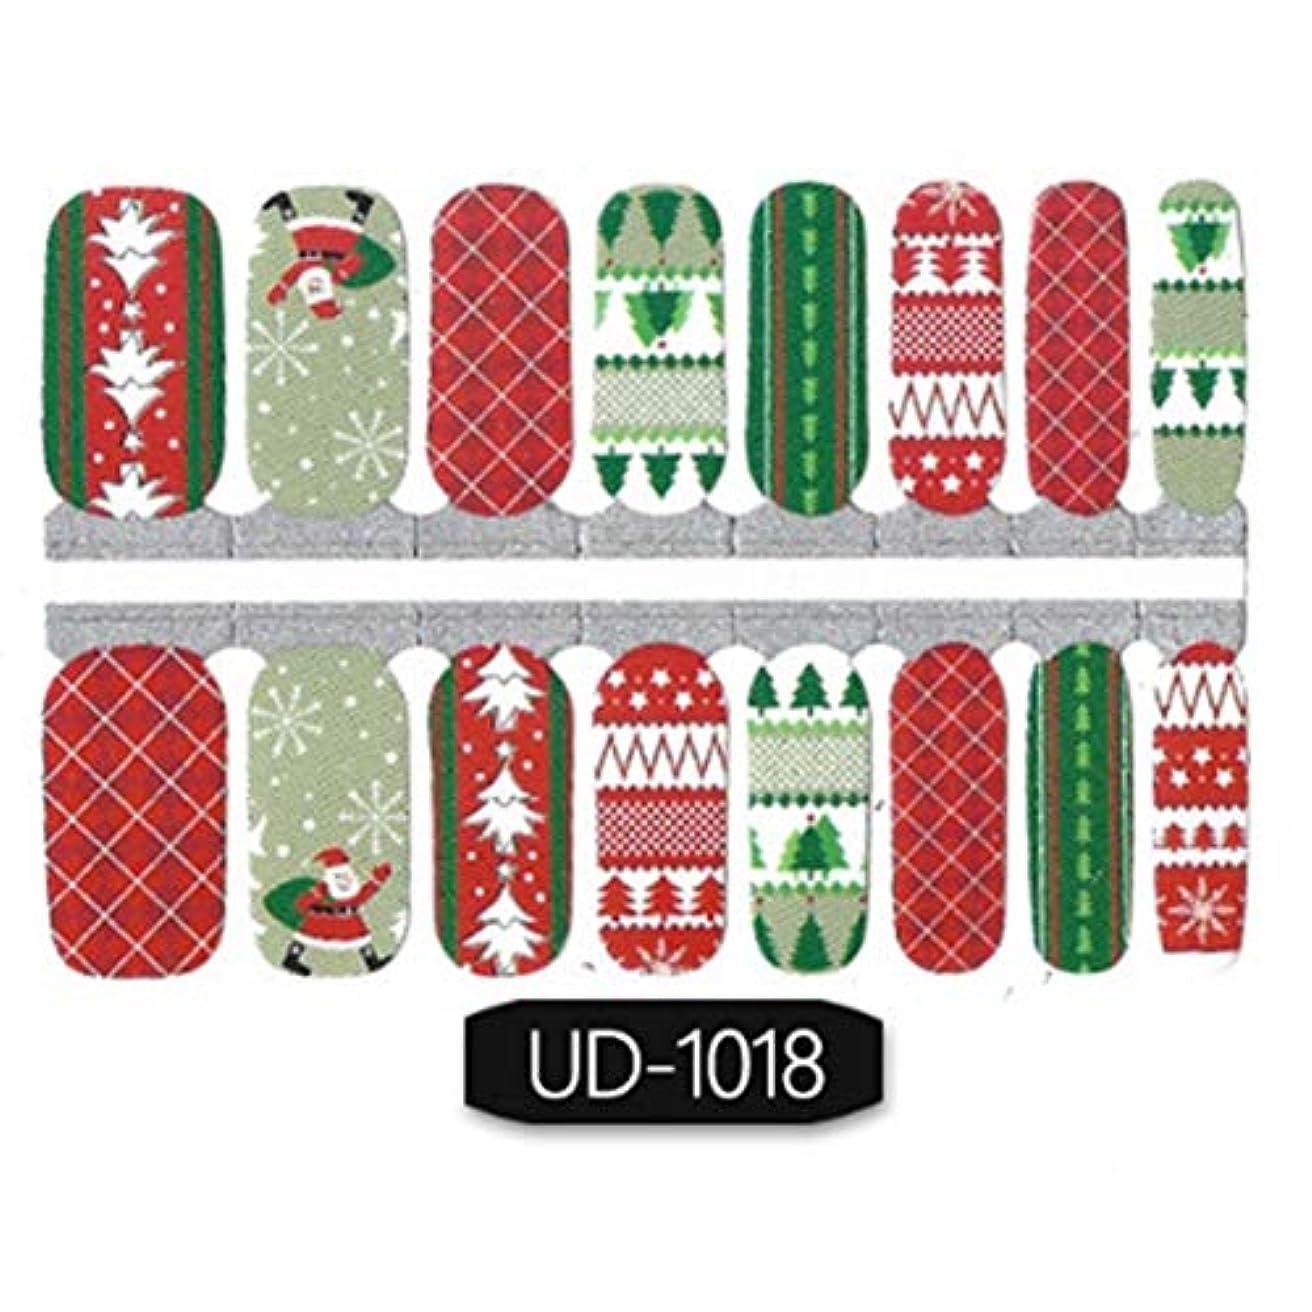 地上の目覚める人形ACHICOO ネイルシール ステッカー セット 16パターン クリスマス 粘着紙 デコレーション 超可愛い オシャレ UD-1018 通常の仕様